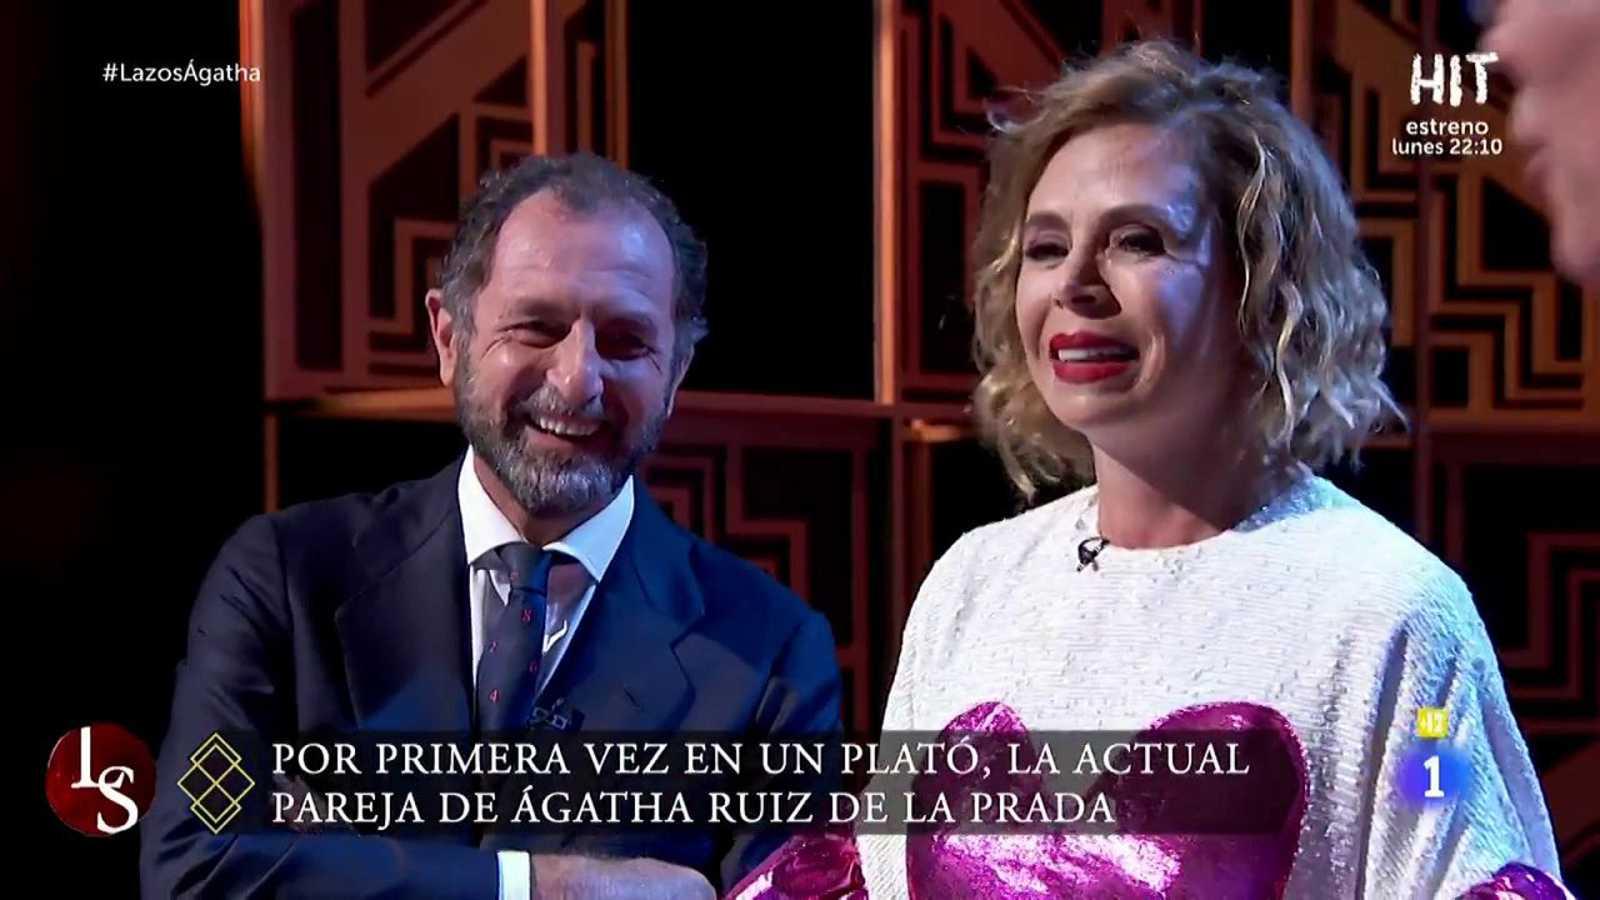 Ágatha Ruiz de la Prada recibe una sorpresa de Luis Gasset en el programa